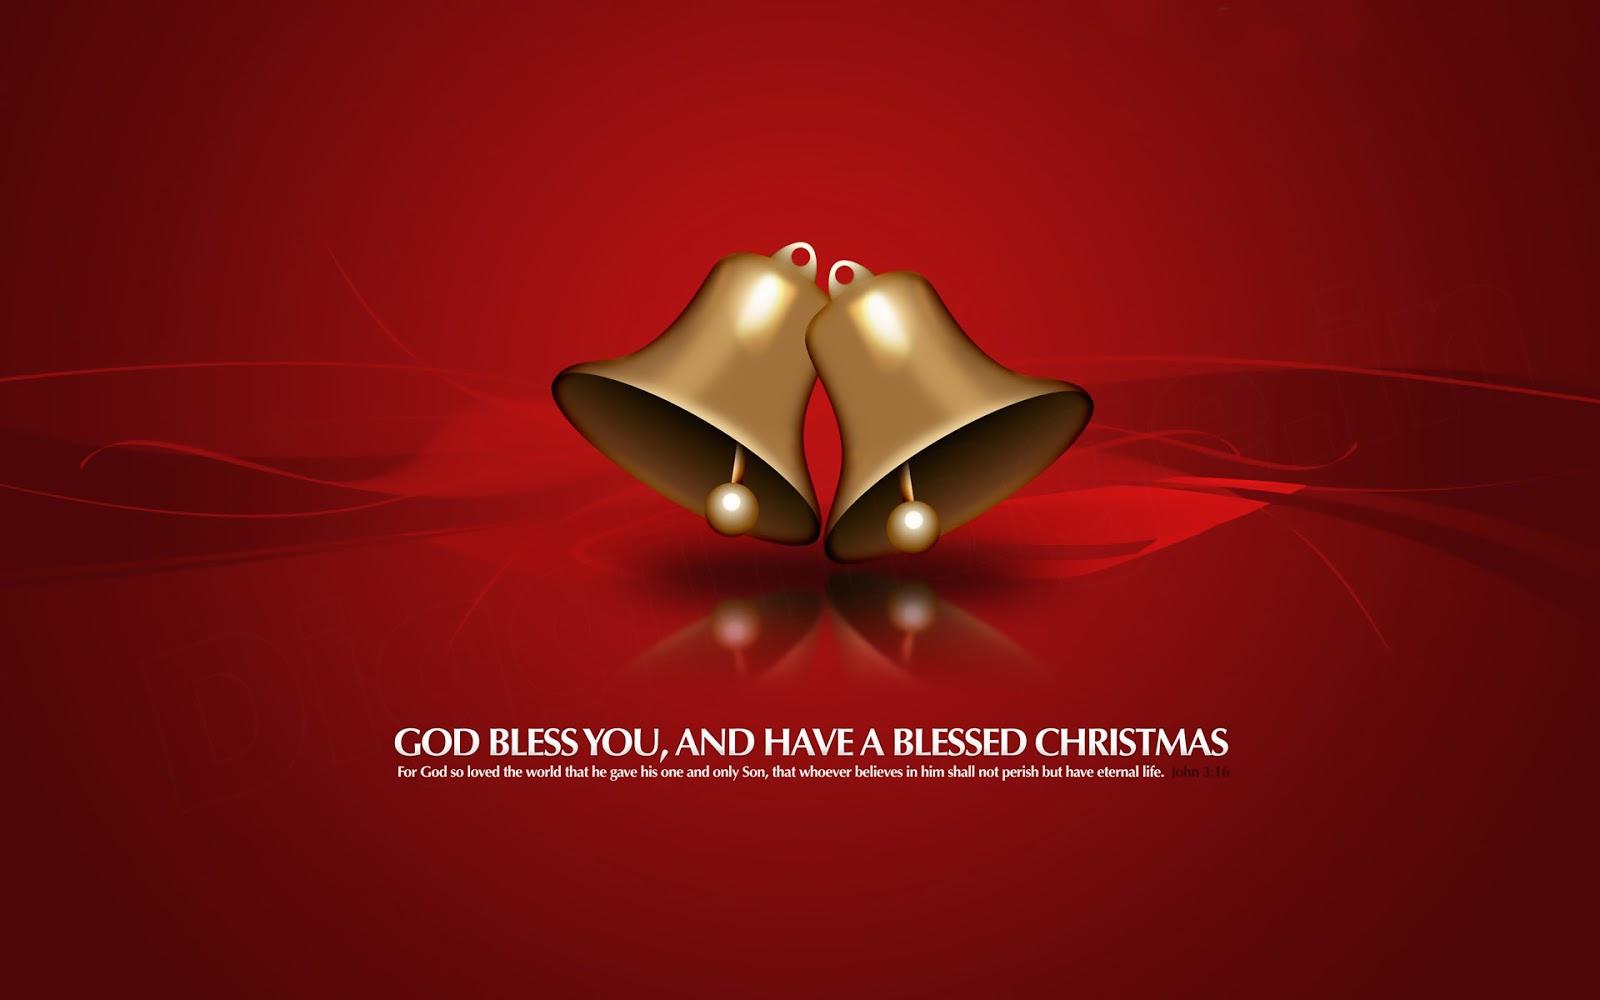 http://1.bp.blogspot.com/-lNWHl29w8TI/UNP7jAPWRJI/AAAAAAAAEHk/RnhsPxc66cM/s1600/Christmas-HD-Wallpapers-1920-X-1200-4+2013-.JPG